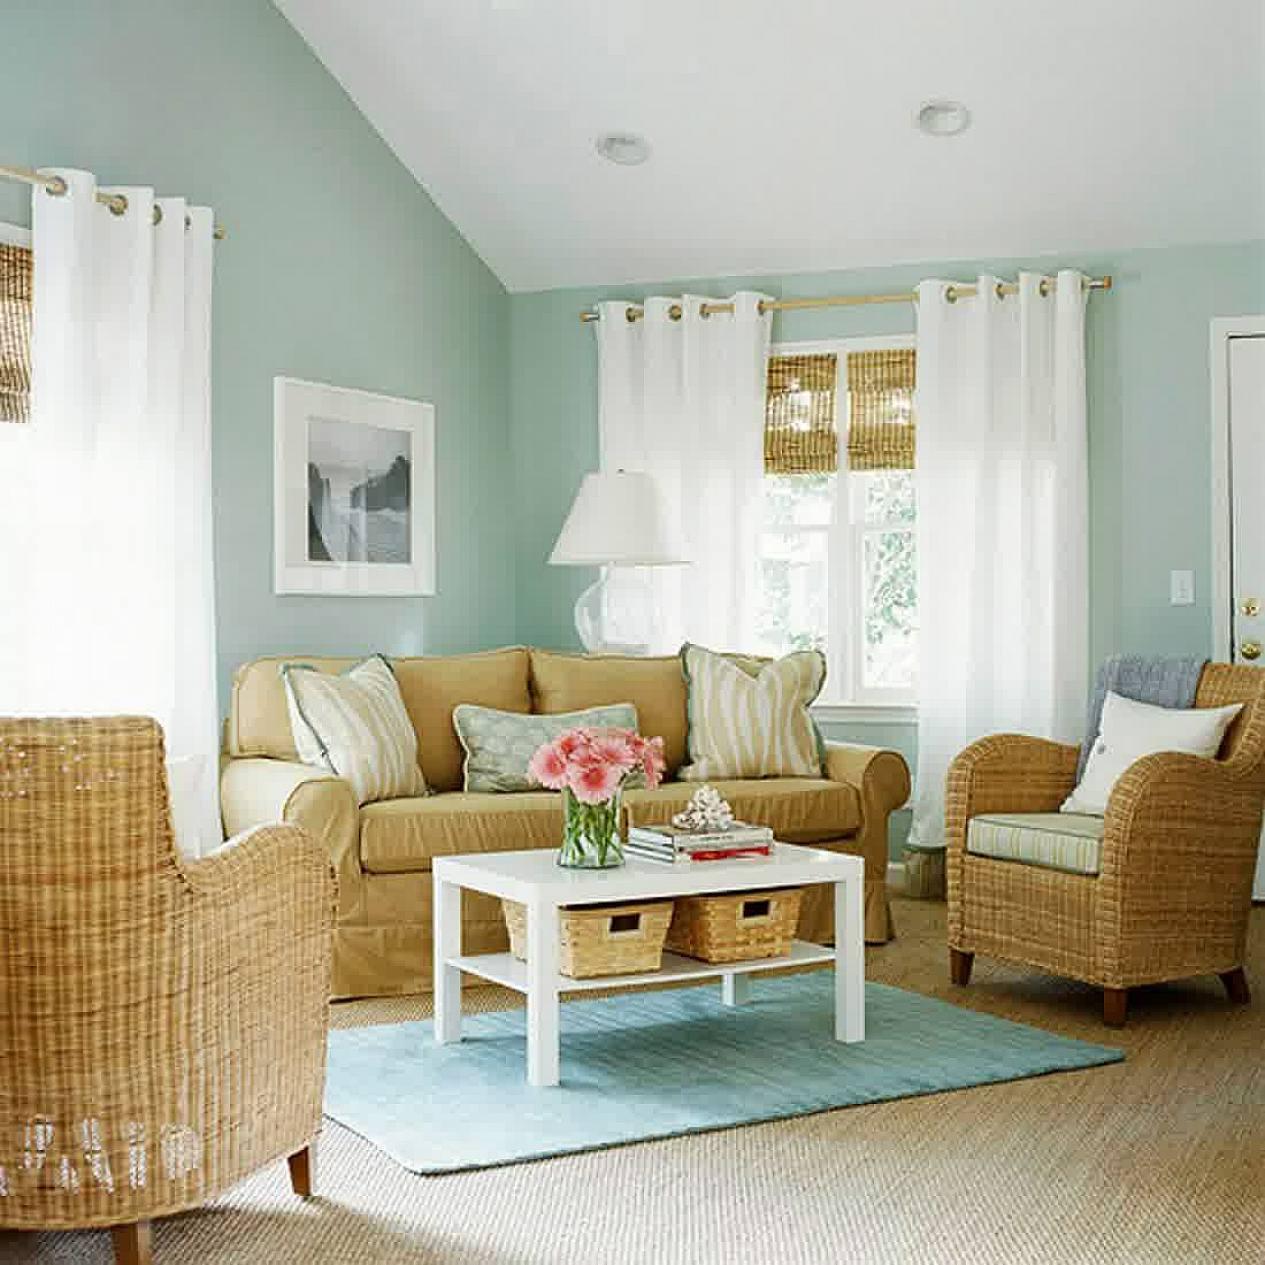 Плетеная мебель прекрасно подойдет для интерьеров прованс